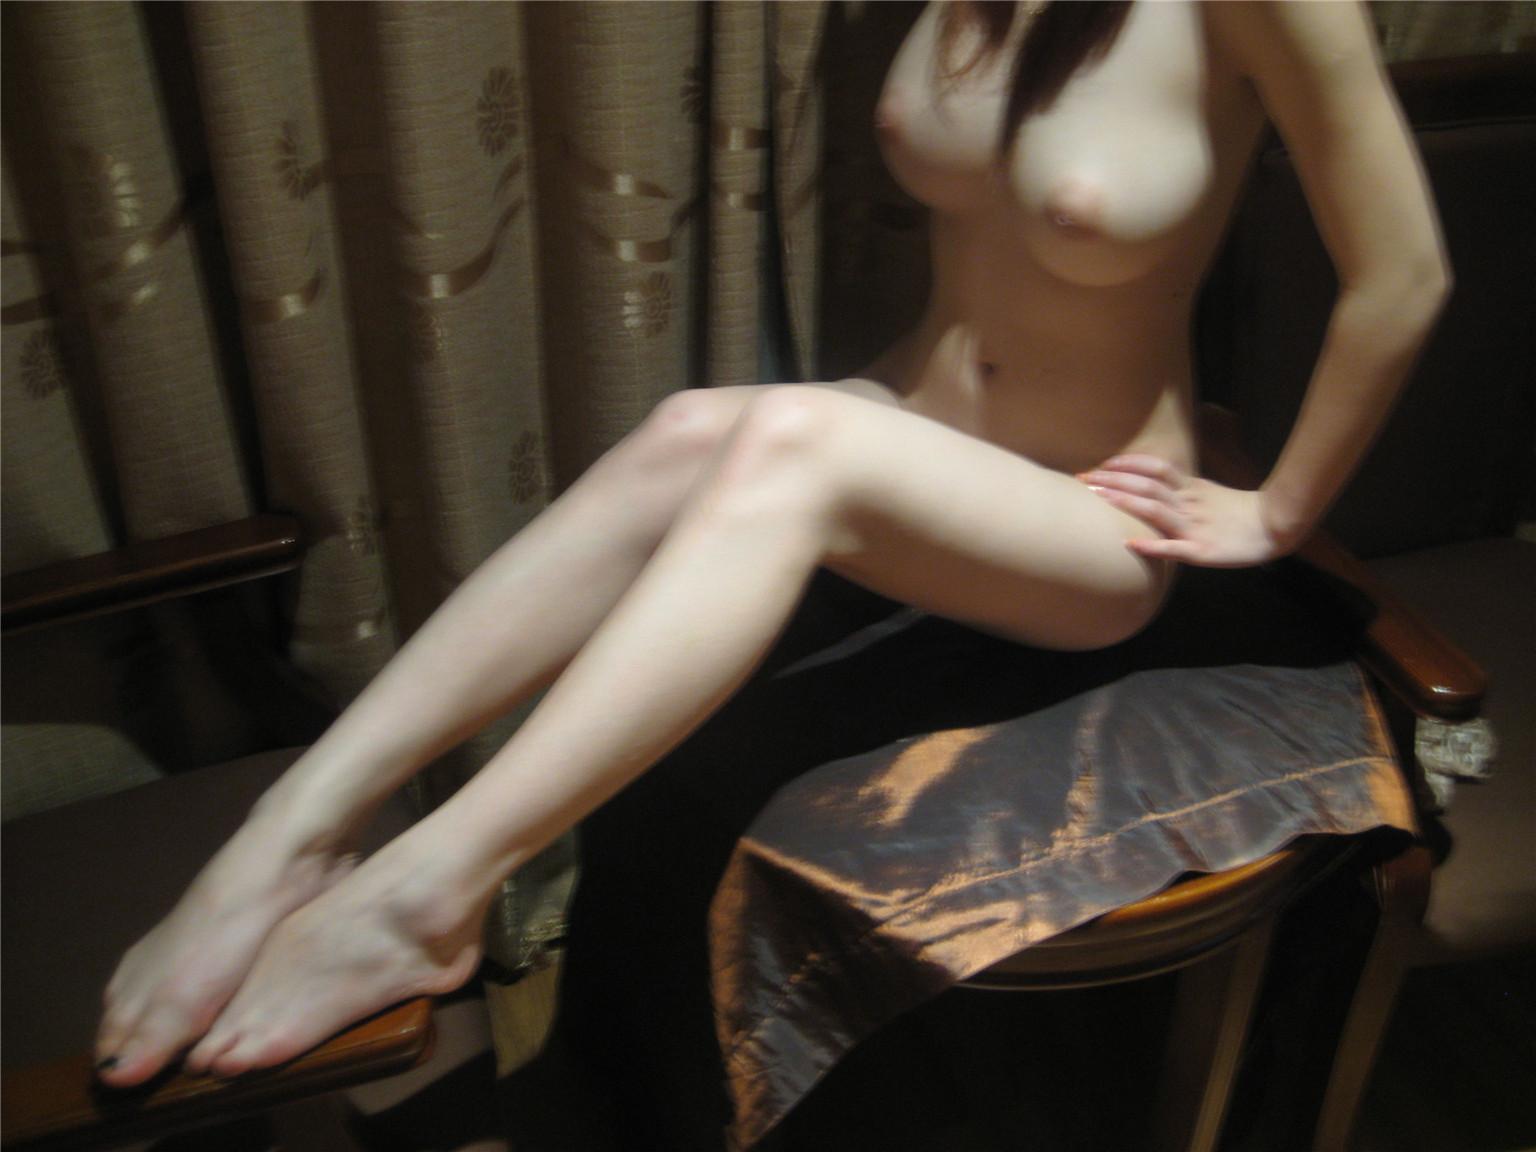 美乳画像 貼り付けスレッド 02 日本人専用スレ [無断転載禁止]©bbspink.comYouTube動画>1本 ->画像>2654枚